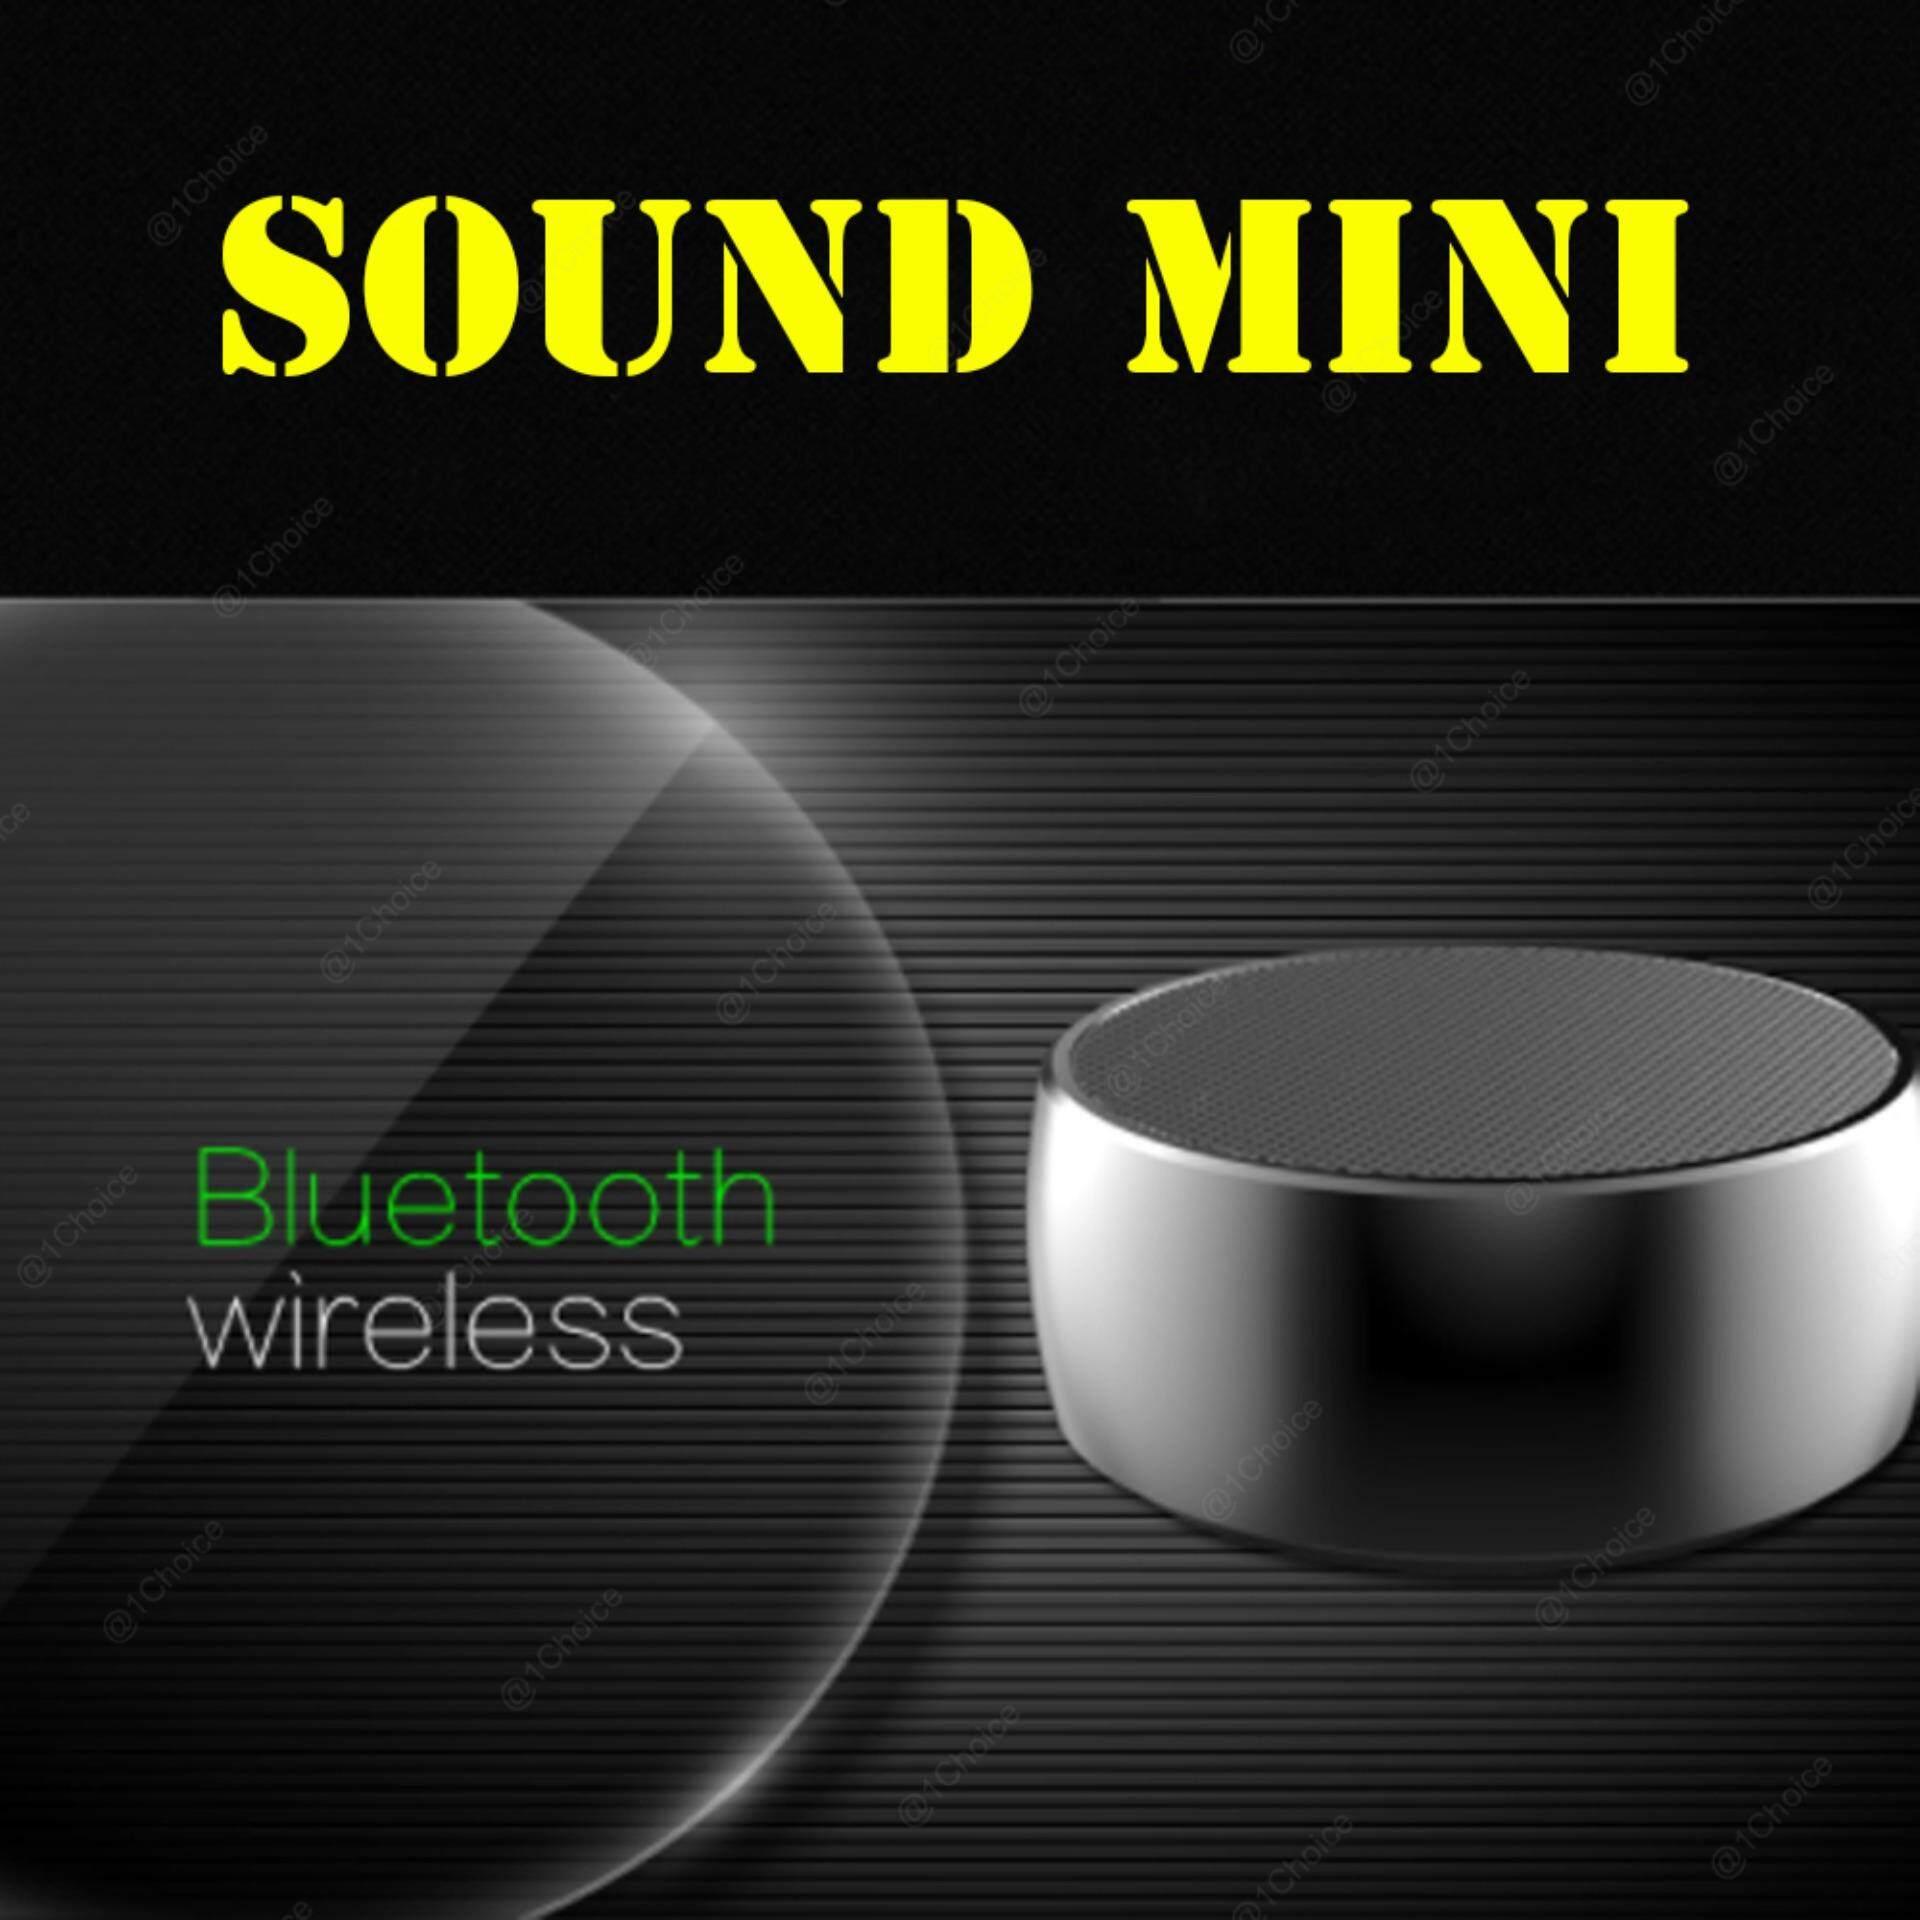 โปรโมชั่นลดราคา ลำโพงแบบพกพา 1Choice Simplicity BS-01  Bluetooth Speaker ลำโพงบูลทูธ ขนาดพกพา ขายถูกที่สุดแล้ว